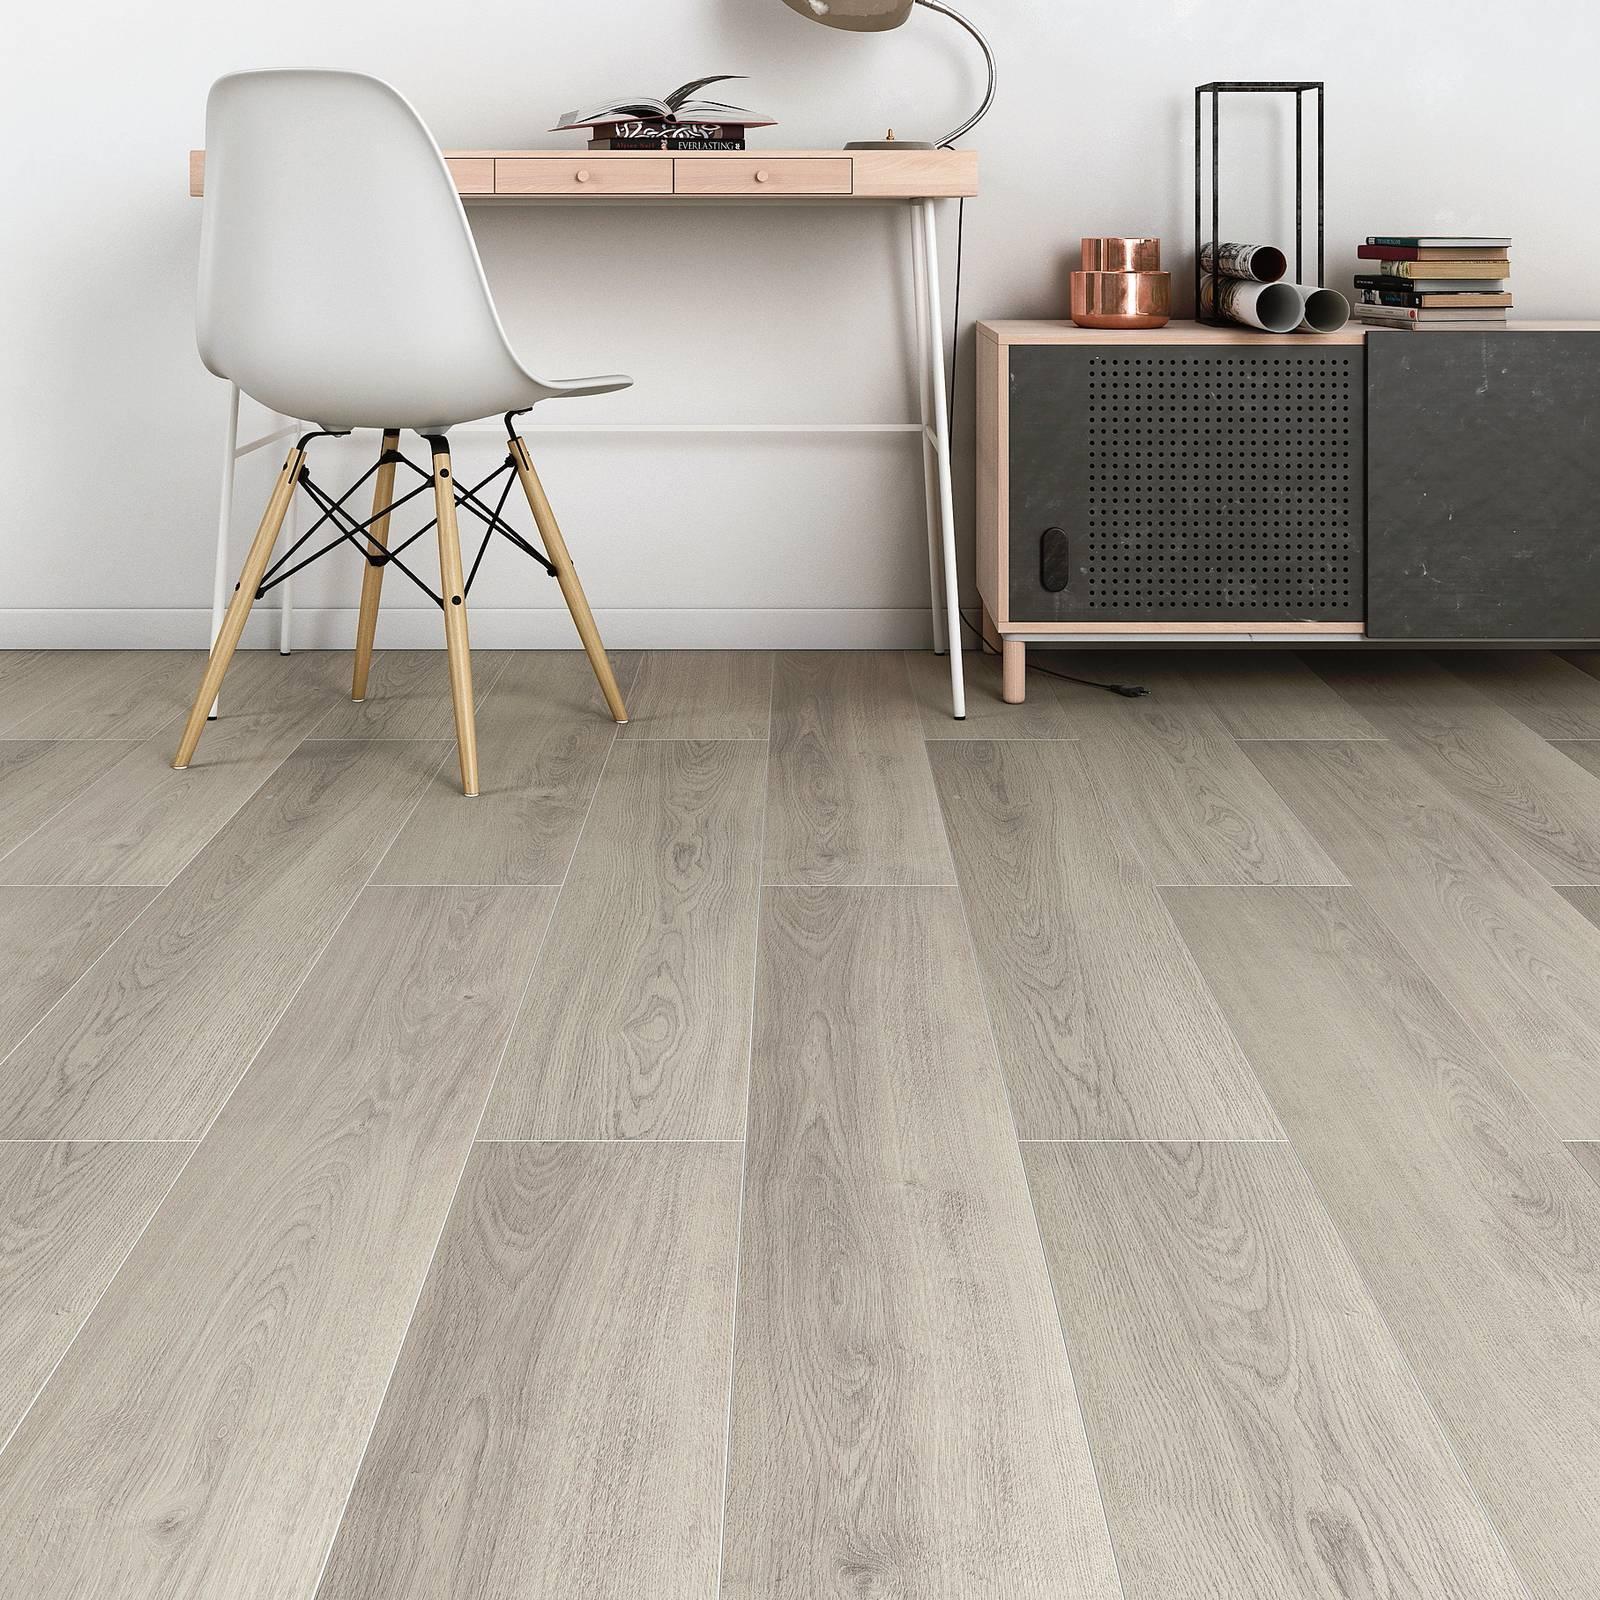 Pavimento In Pvc Effetto Legno da leroy merlin, laminato e vinilico effetto legno, senza